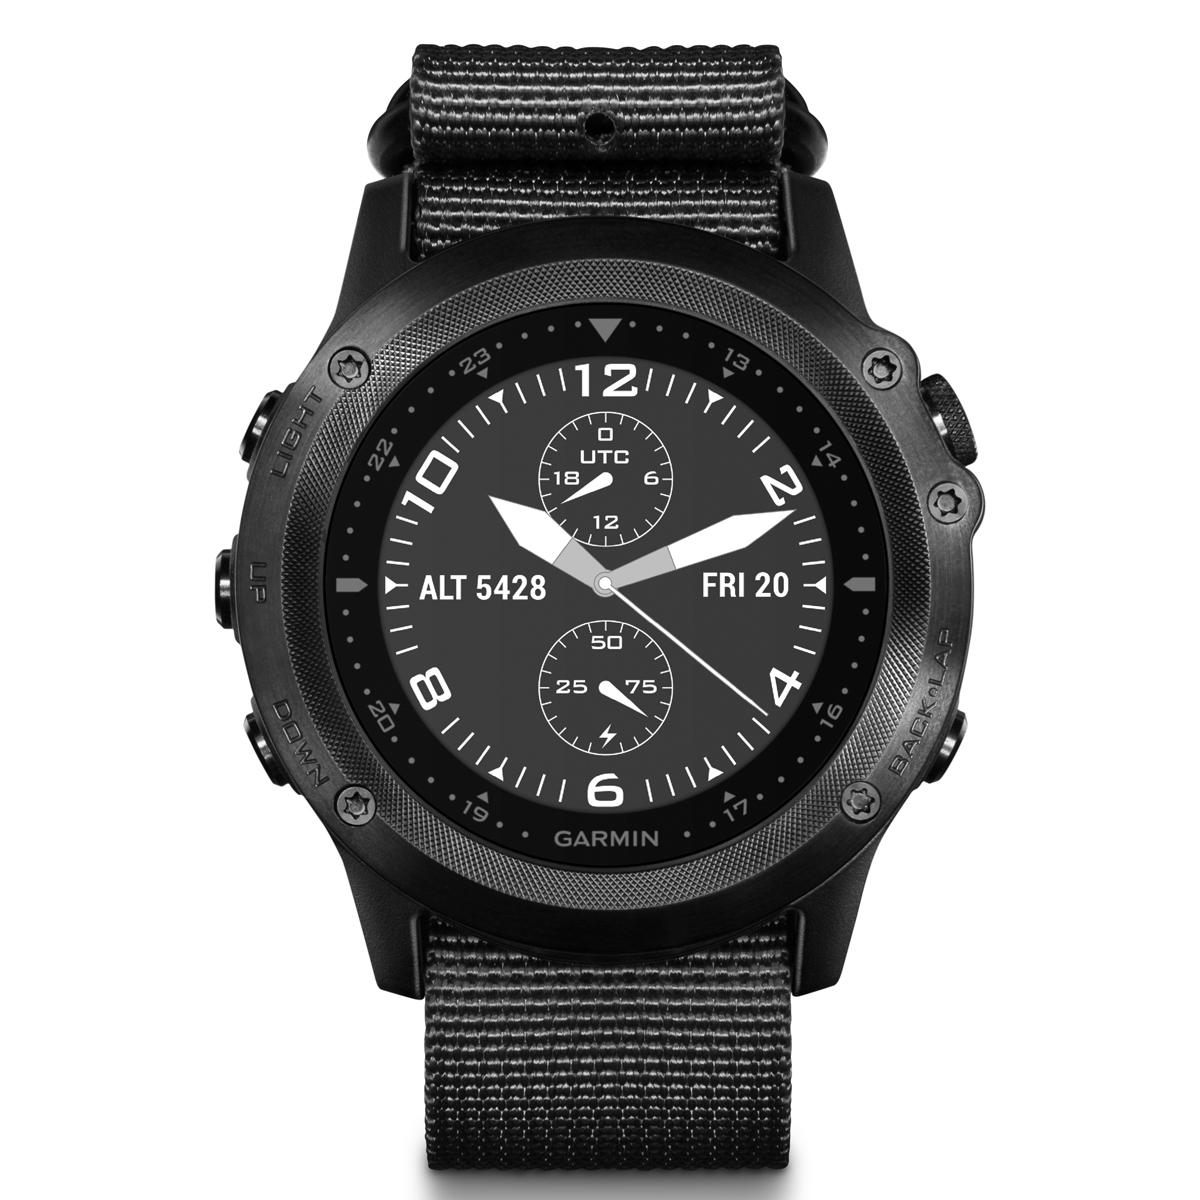 Спортивные часы Garmin Tactix Bravo , цвет: черный. 010-01338-0B010-01338-0BОтдельный профиль для боевых действий с настраиваемым полем данных с двойной координатной сеткой и предзагруженными приложениями, например, Jumpmaster и проекцией маршрутных точек. Два режима подсветки: для обычного использования и работы с прибором ночного видения, сапфировое стекло, ремешок сделан из баллистического нейлонаМониторинг: Физической активностиДатчики: GPS- трекер;Барометр;Гироскоп;Компас;Альтиметр (высотомер);Датчик освещенности;GPS- трекерОсобенности: Влагозащищенный;Оповещения со смартфона;Часы;Водонепроницаемый;ПротивоударныйСовместимое ОС: GARMINМатериал корпуса: Нержавеющий медицинский металлМатериал ремешка/браслета: ТекстильДлина ремешка: 16 см Время работы: 6 недельИнтерфейс: BluetoothМетод зарядки: microUSB 2.0Вид аккумулятора: Li-ionЕмкость аккумулятора: 300 mA